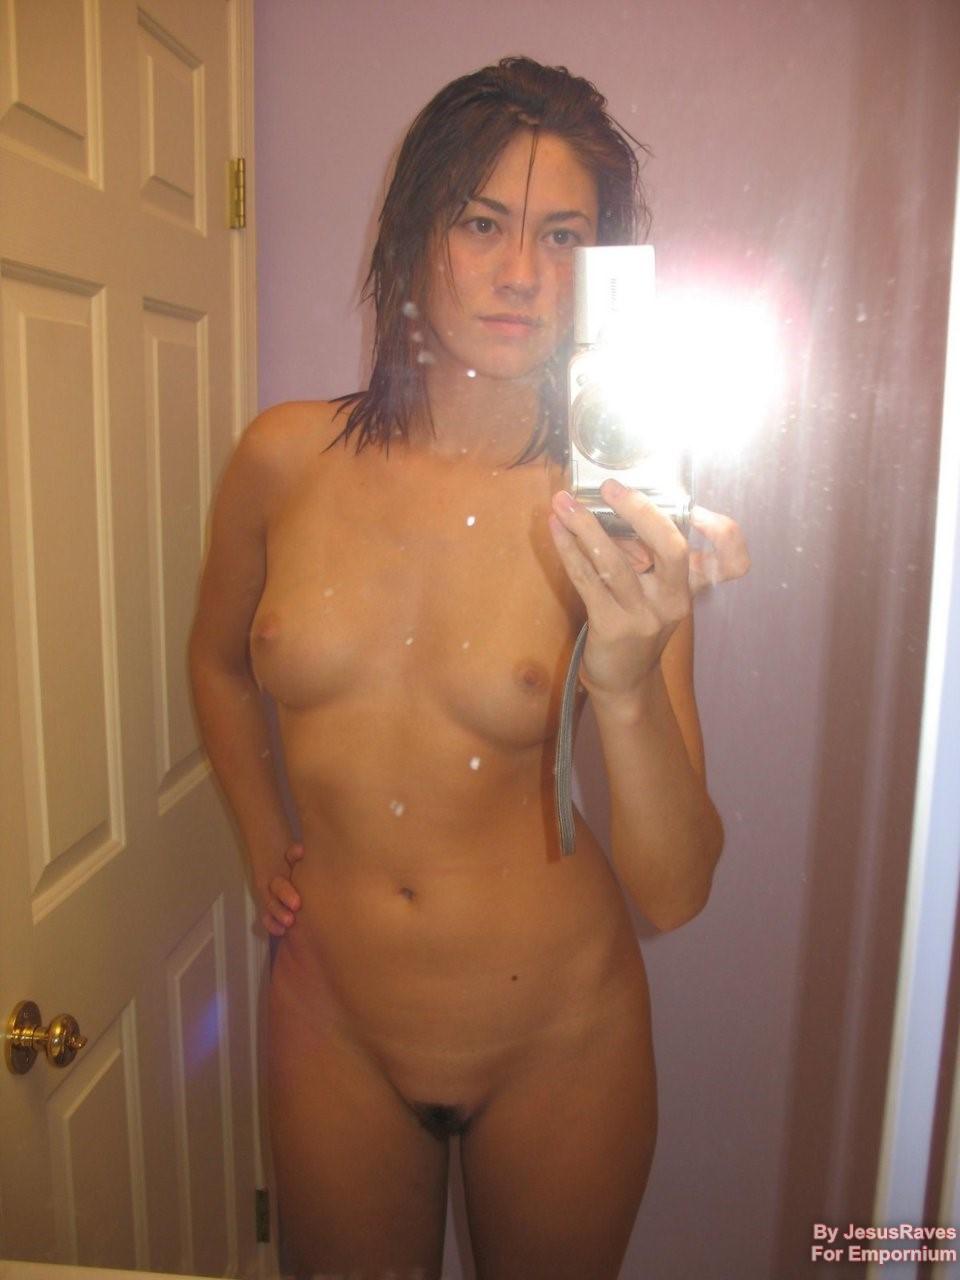 jesusraves_selfies_11-29-15_8.jpg